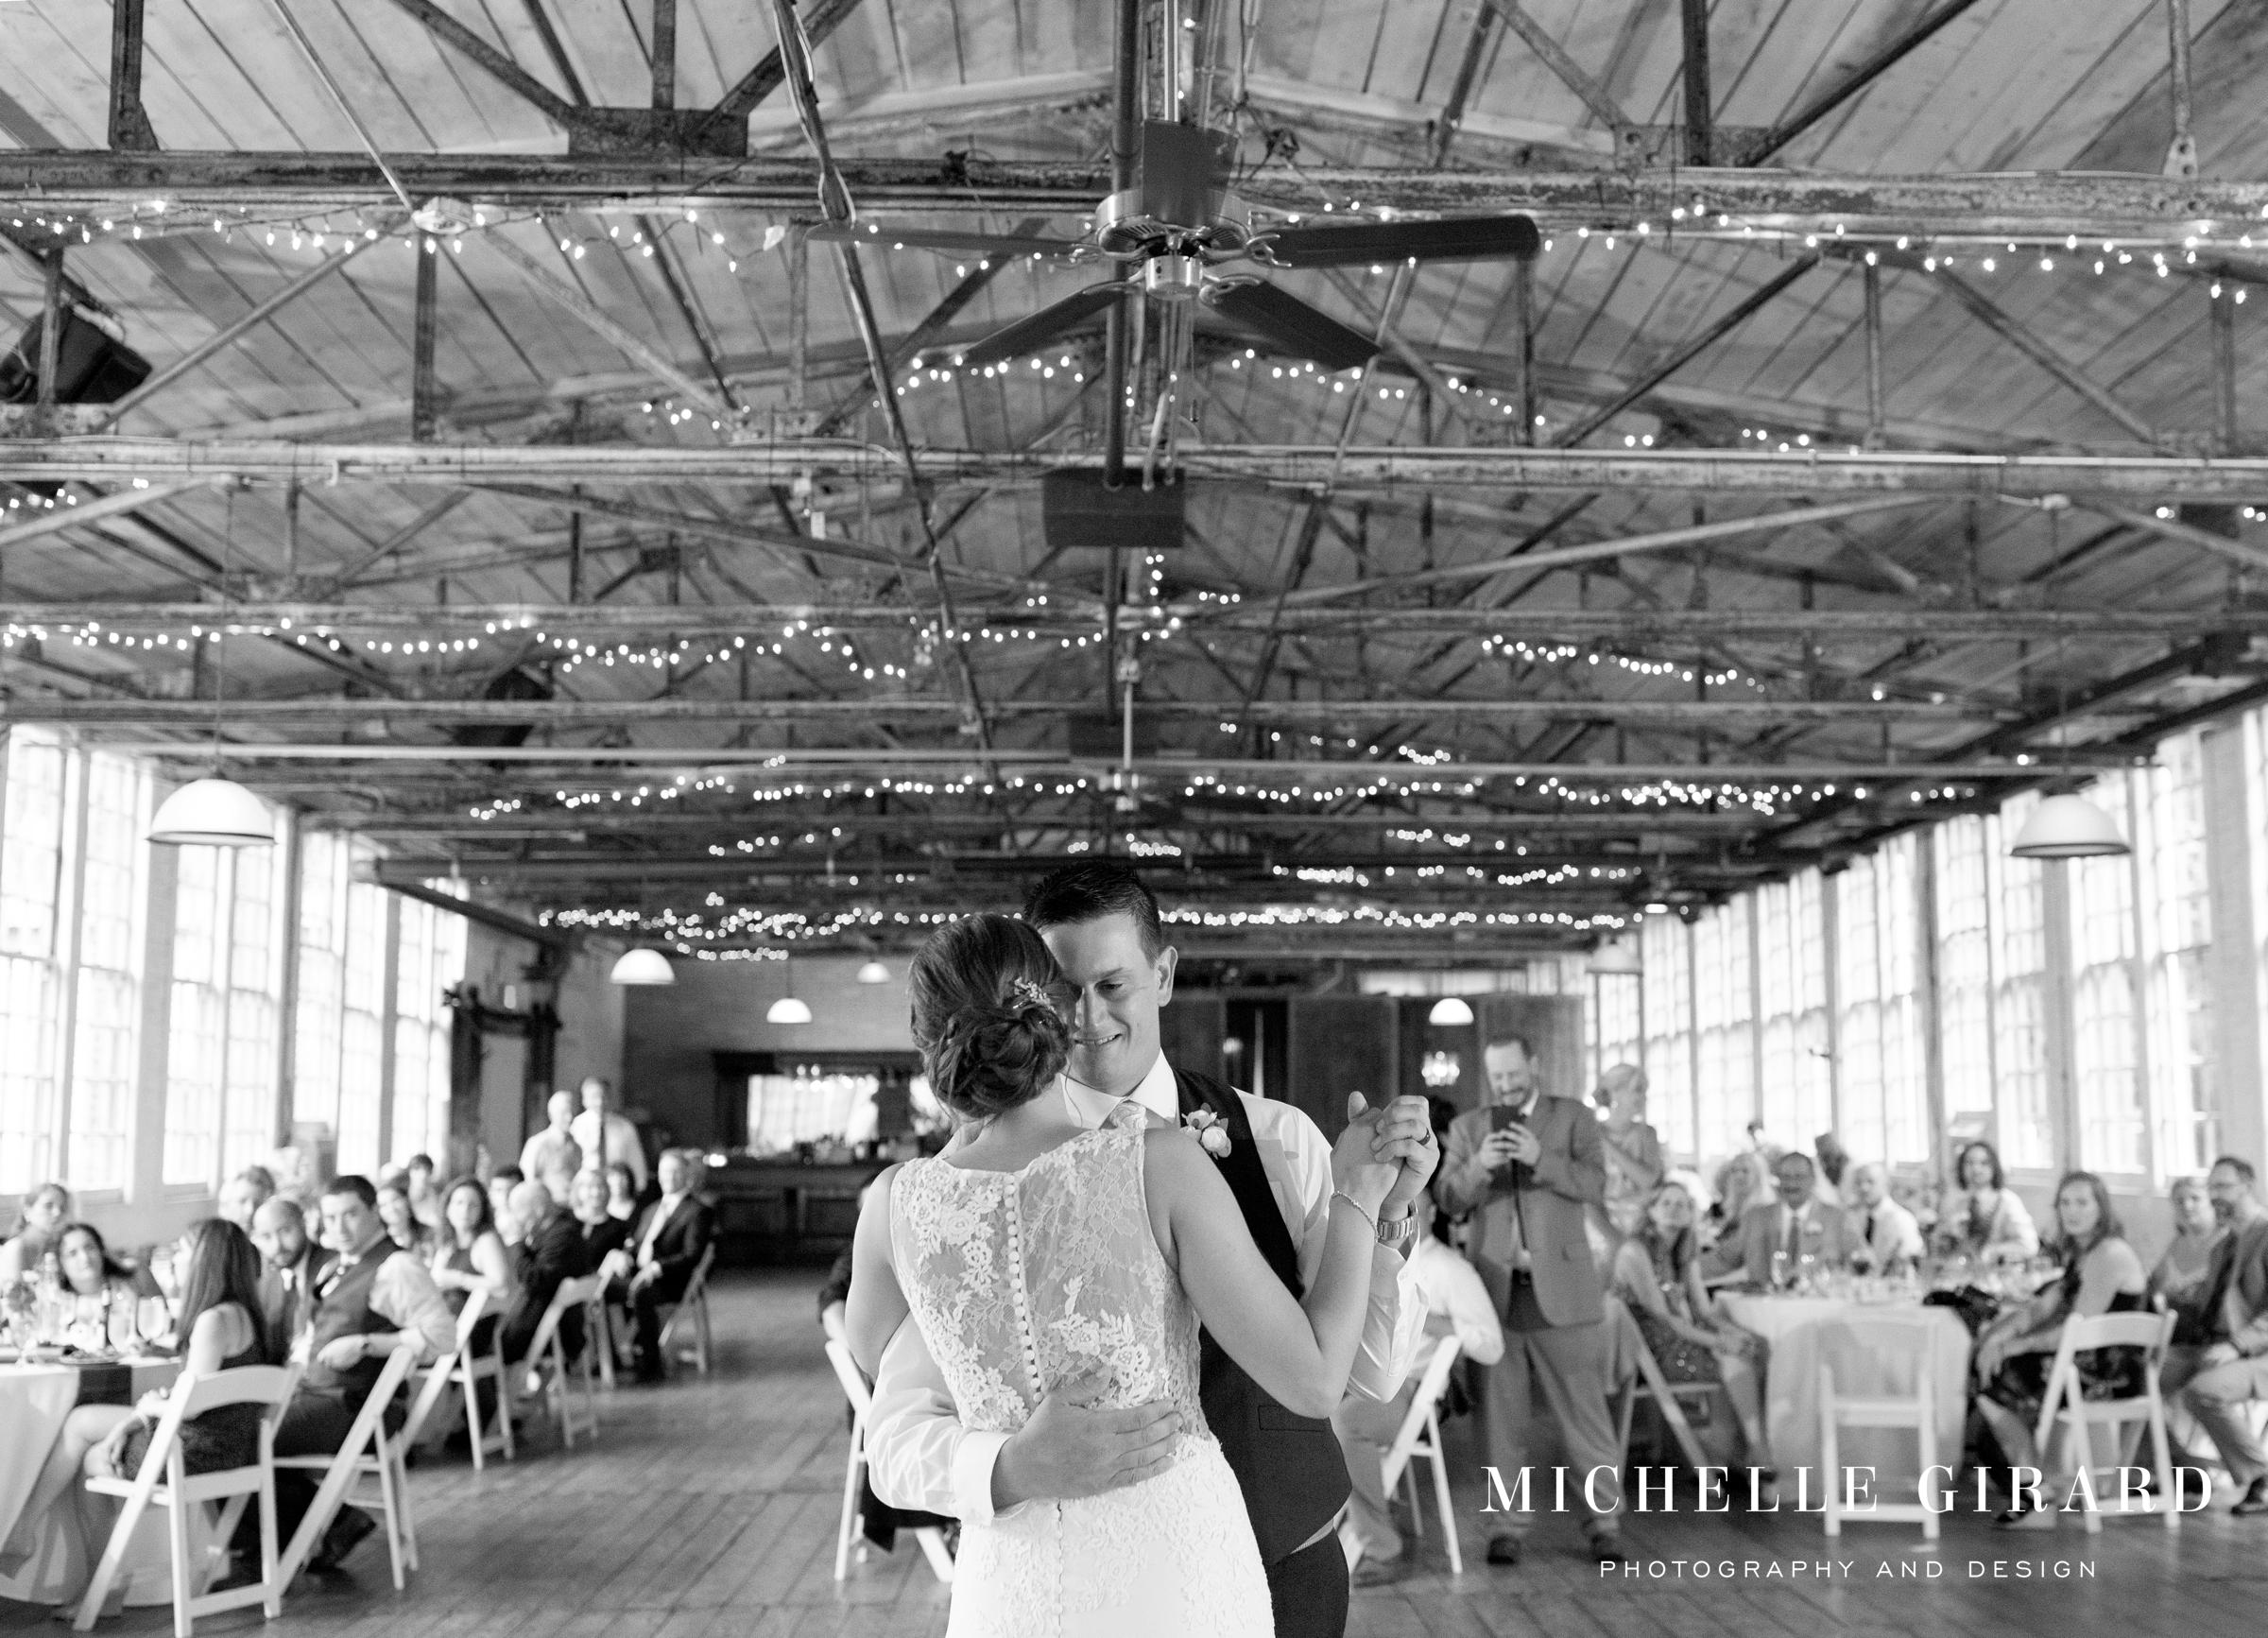 LaceFactoryIndustrialWedding_EastHaddamCT_MichelleGirardPhotography6.jpg